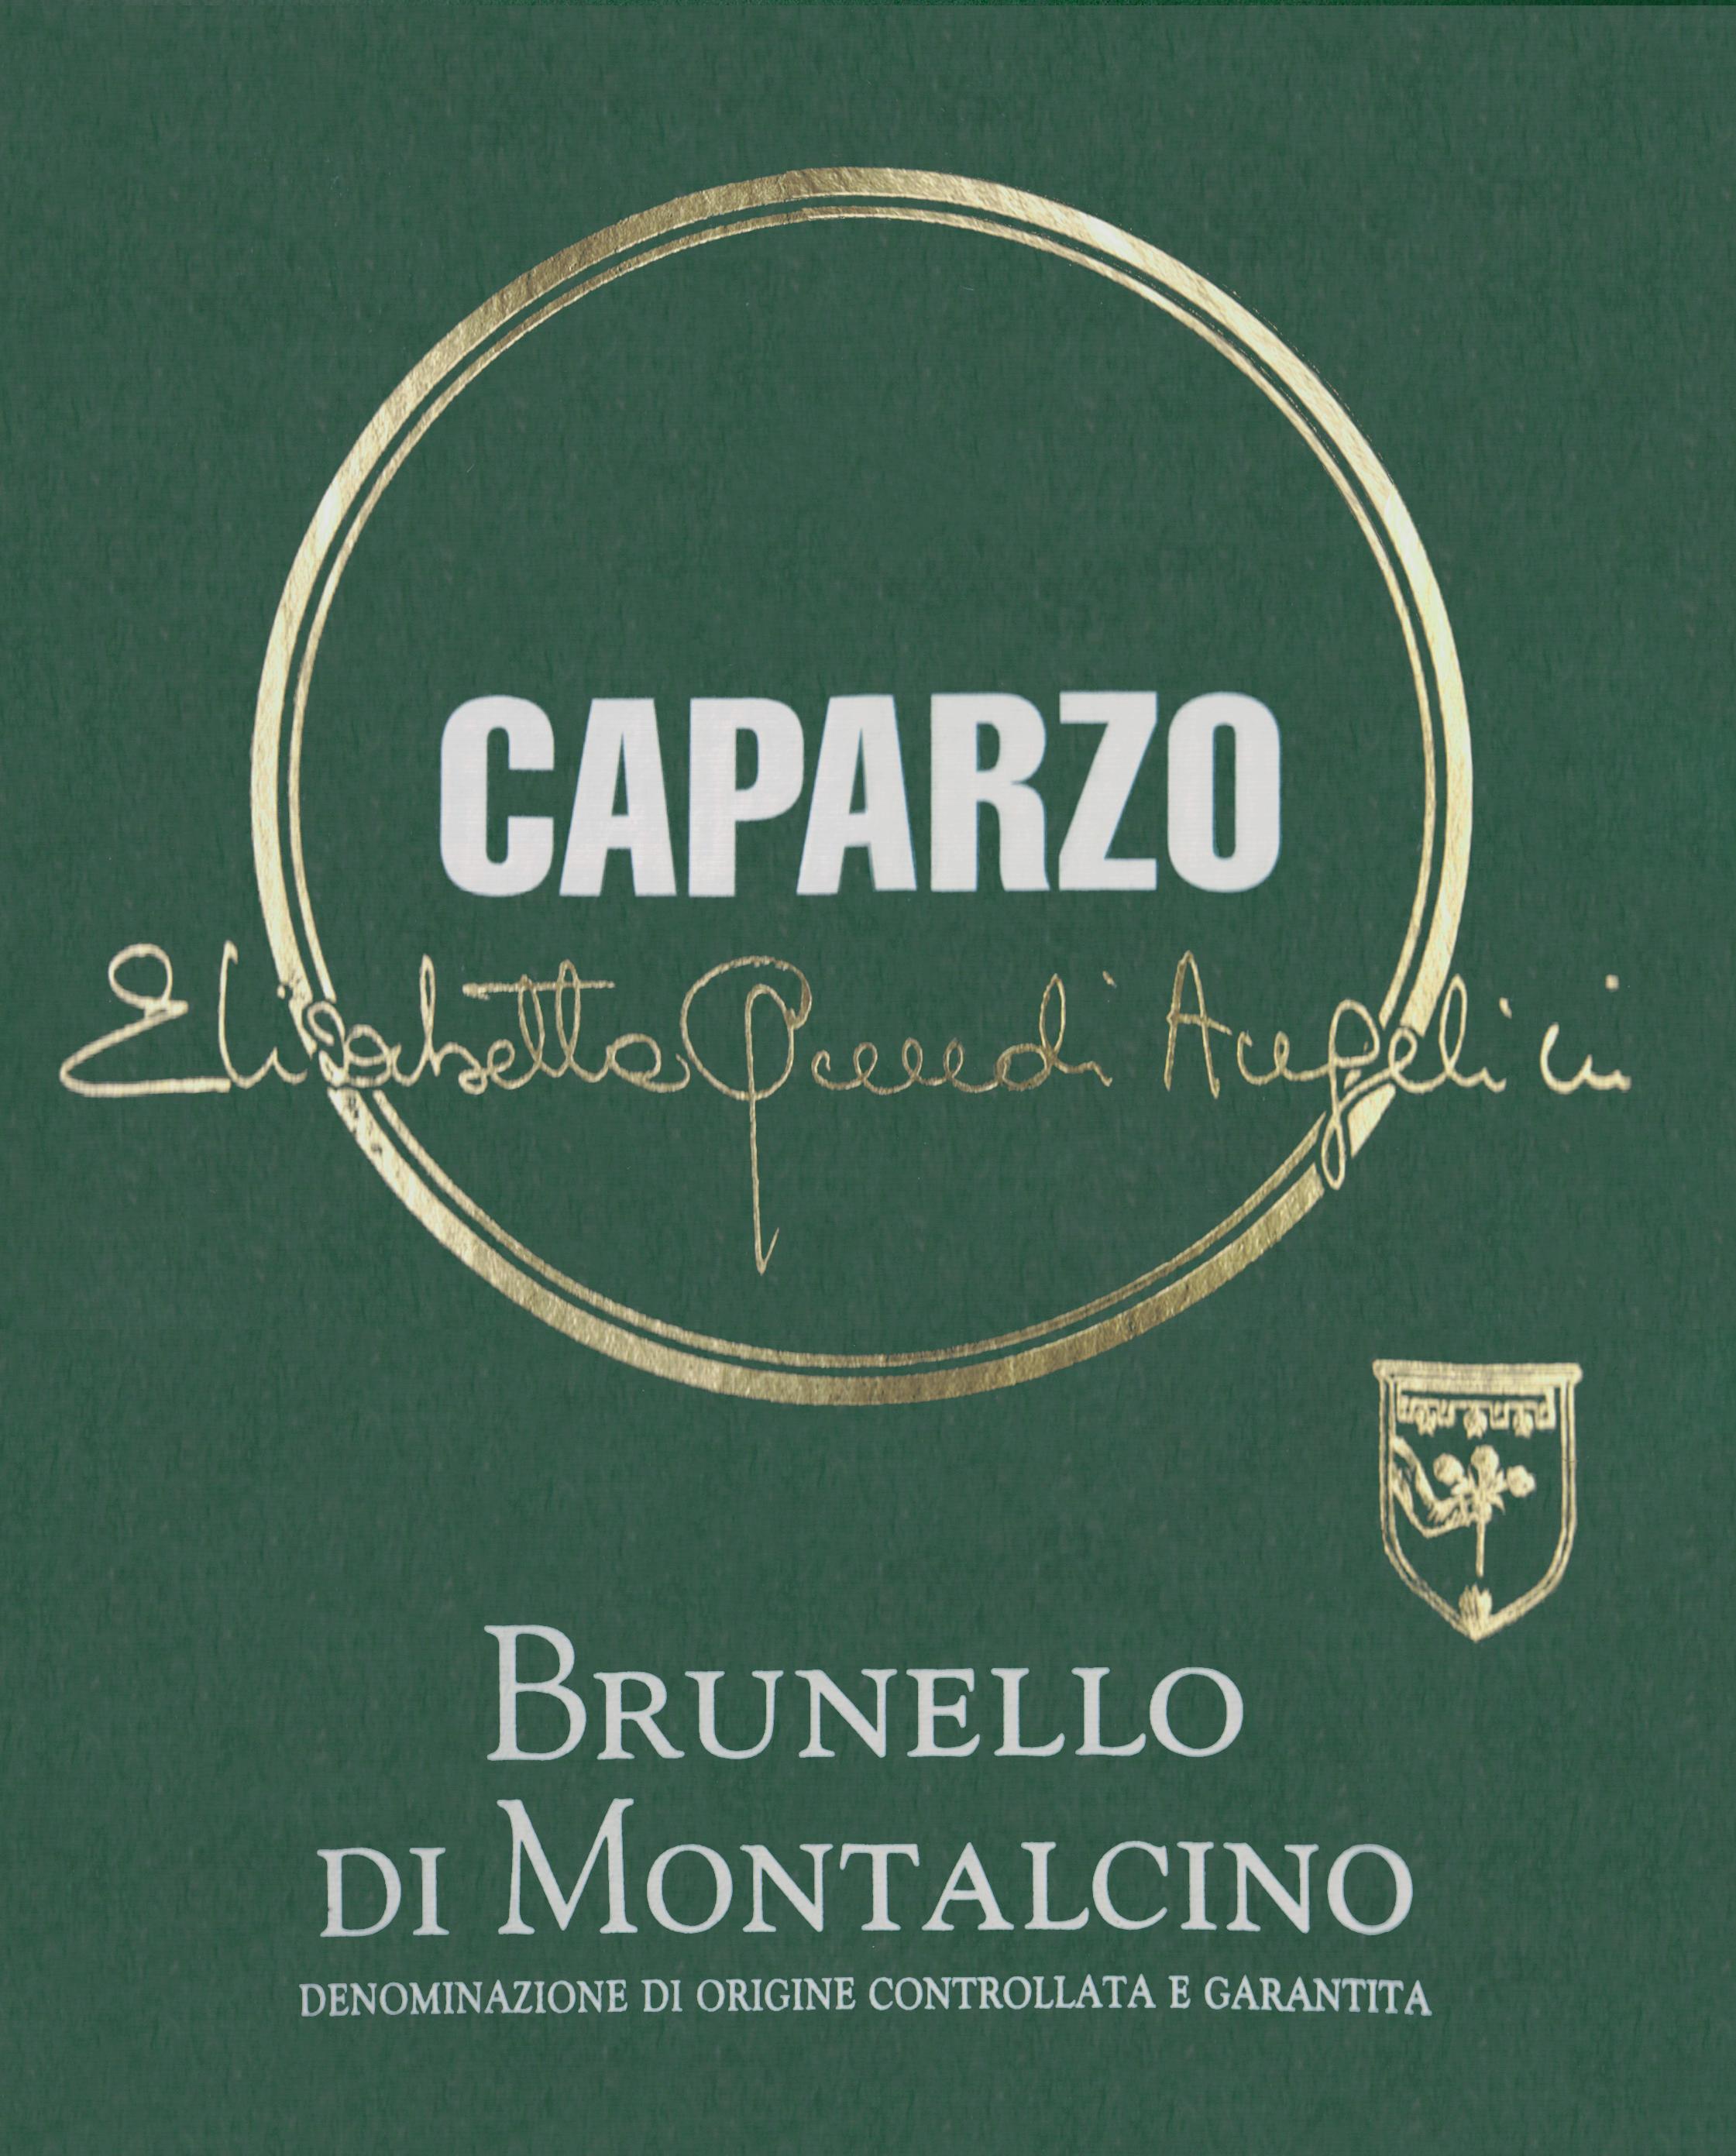 Caparzo Brunello Di Montalcino 2015